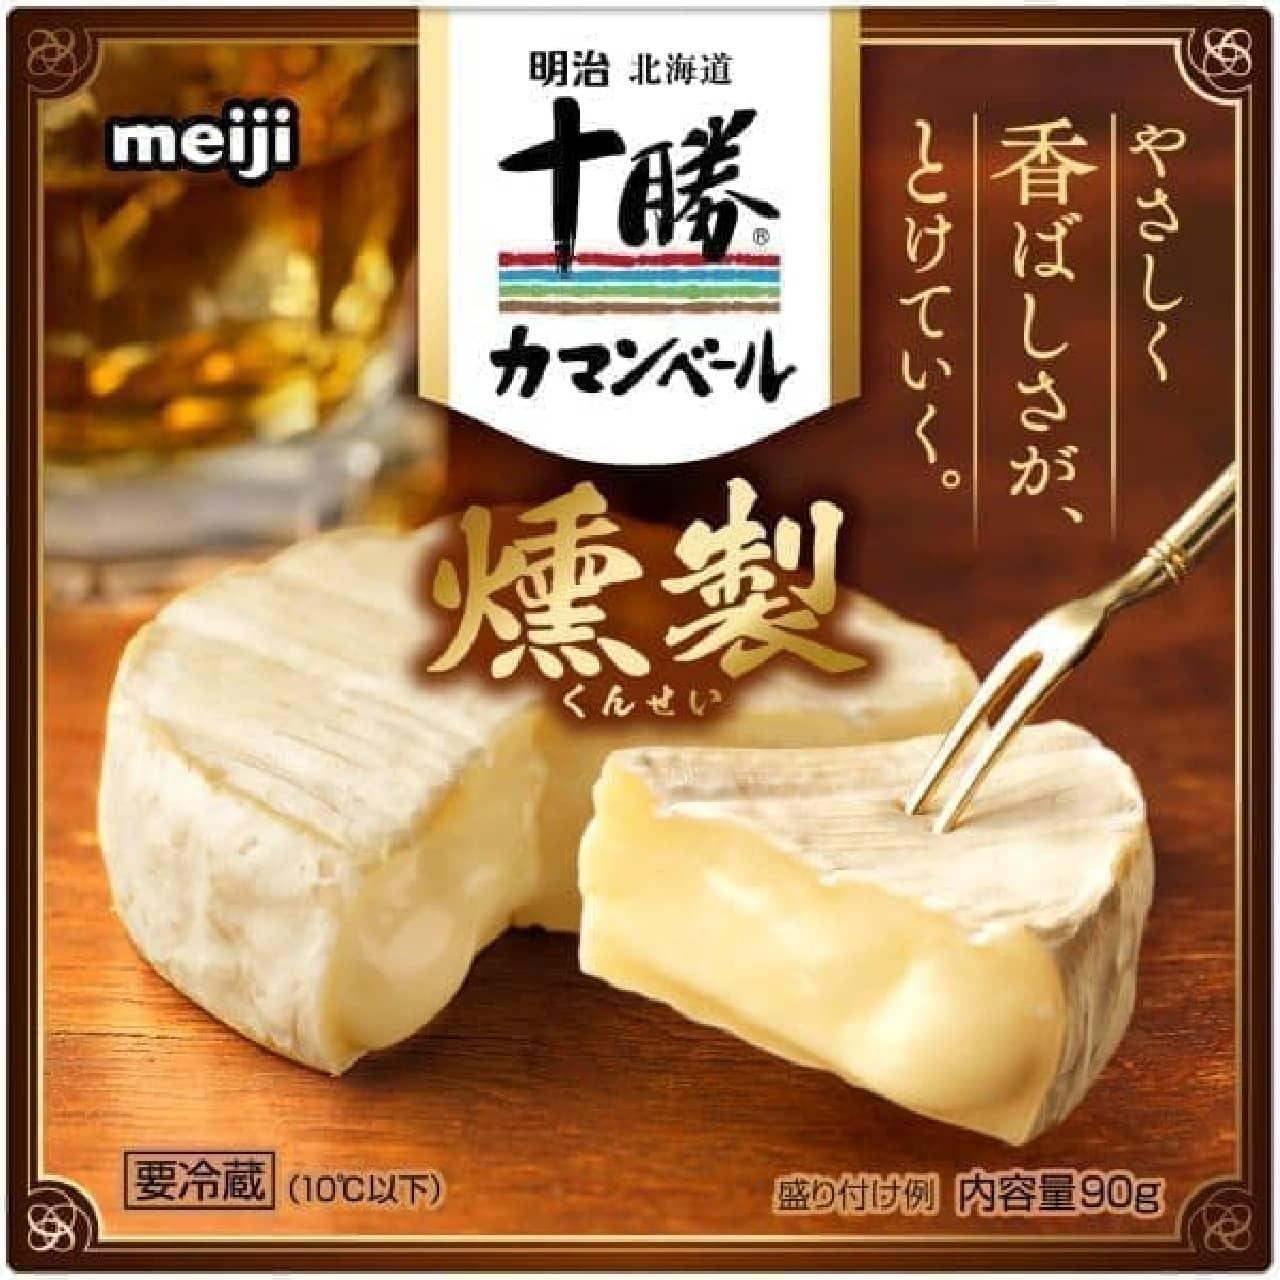 明治 北海道十勝カマンベールチーズ燻製